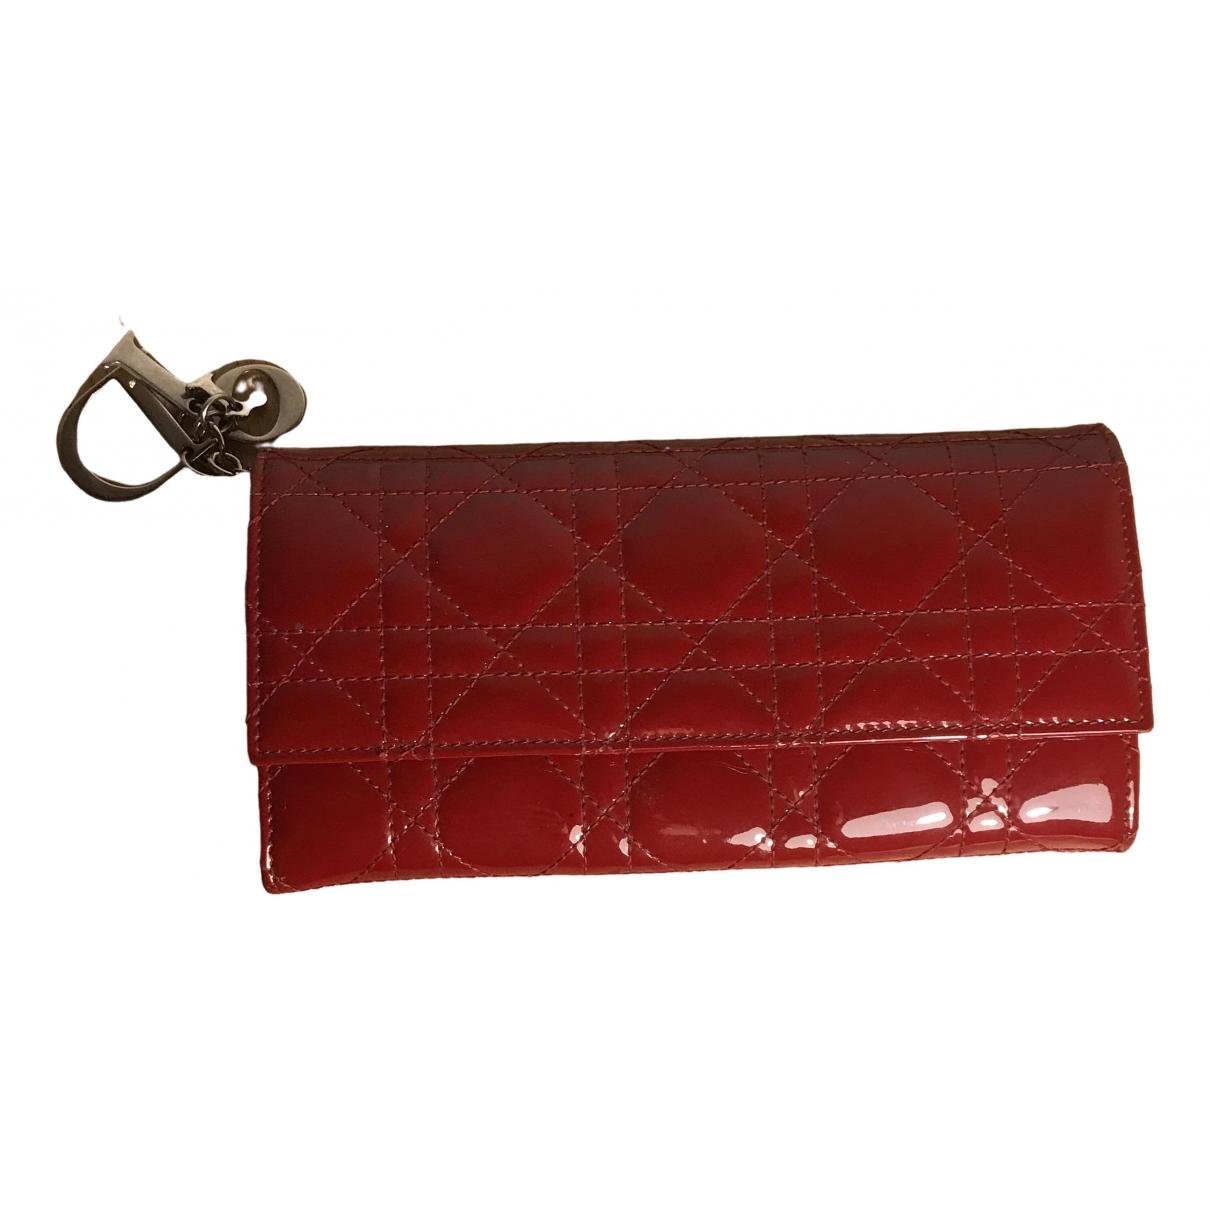 Dior - Portefeuille Lady Dior pour femme en cuir verni - rouge